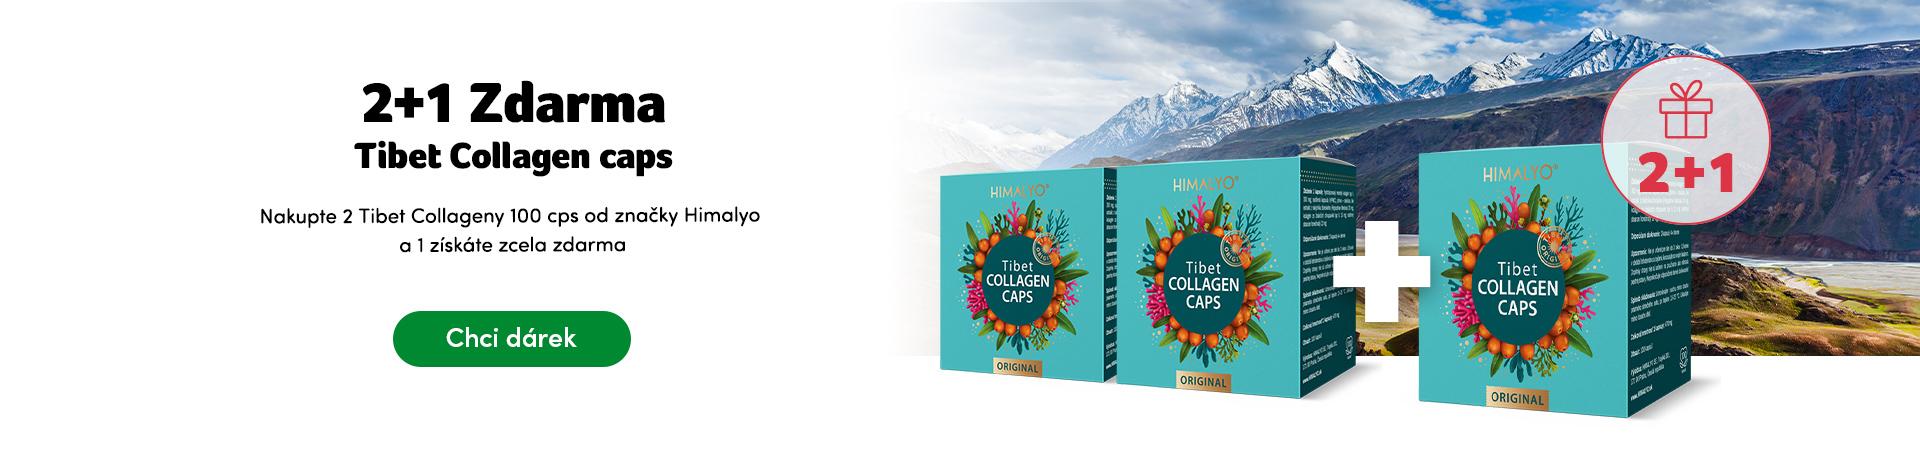 Dárek Tibet Collagen cps 2+1